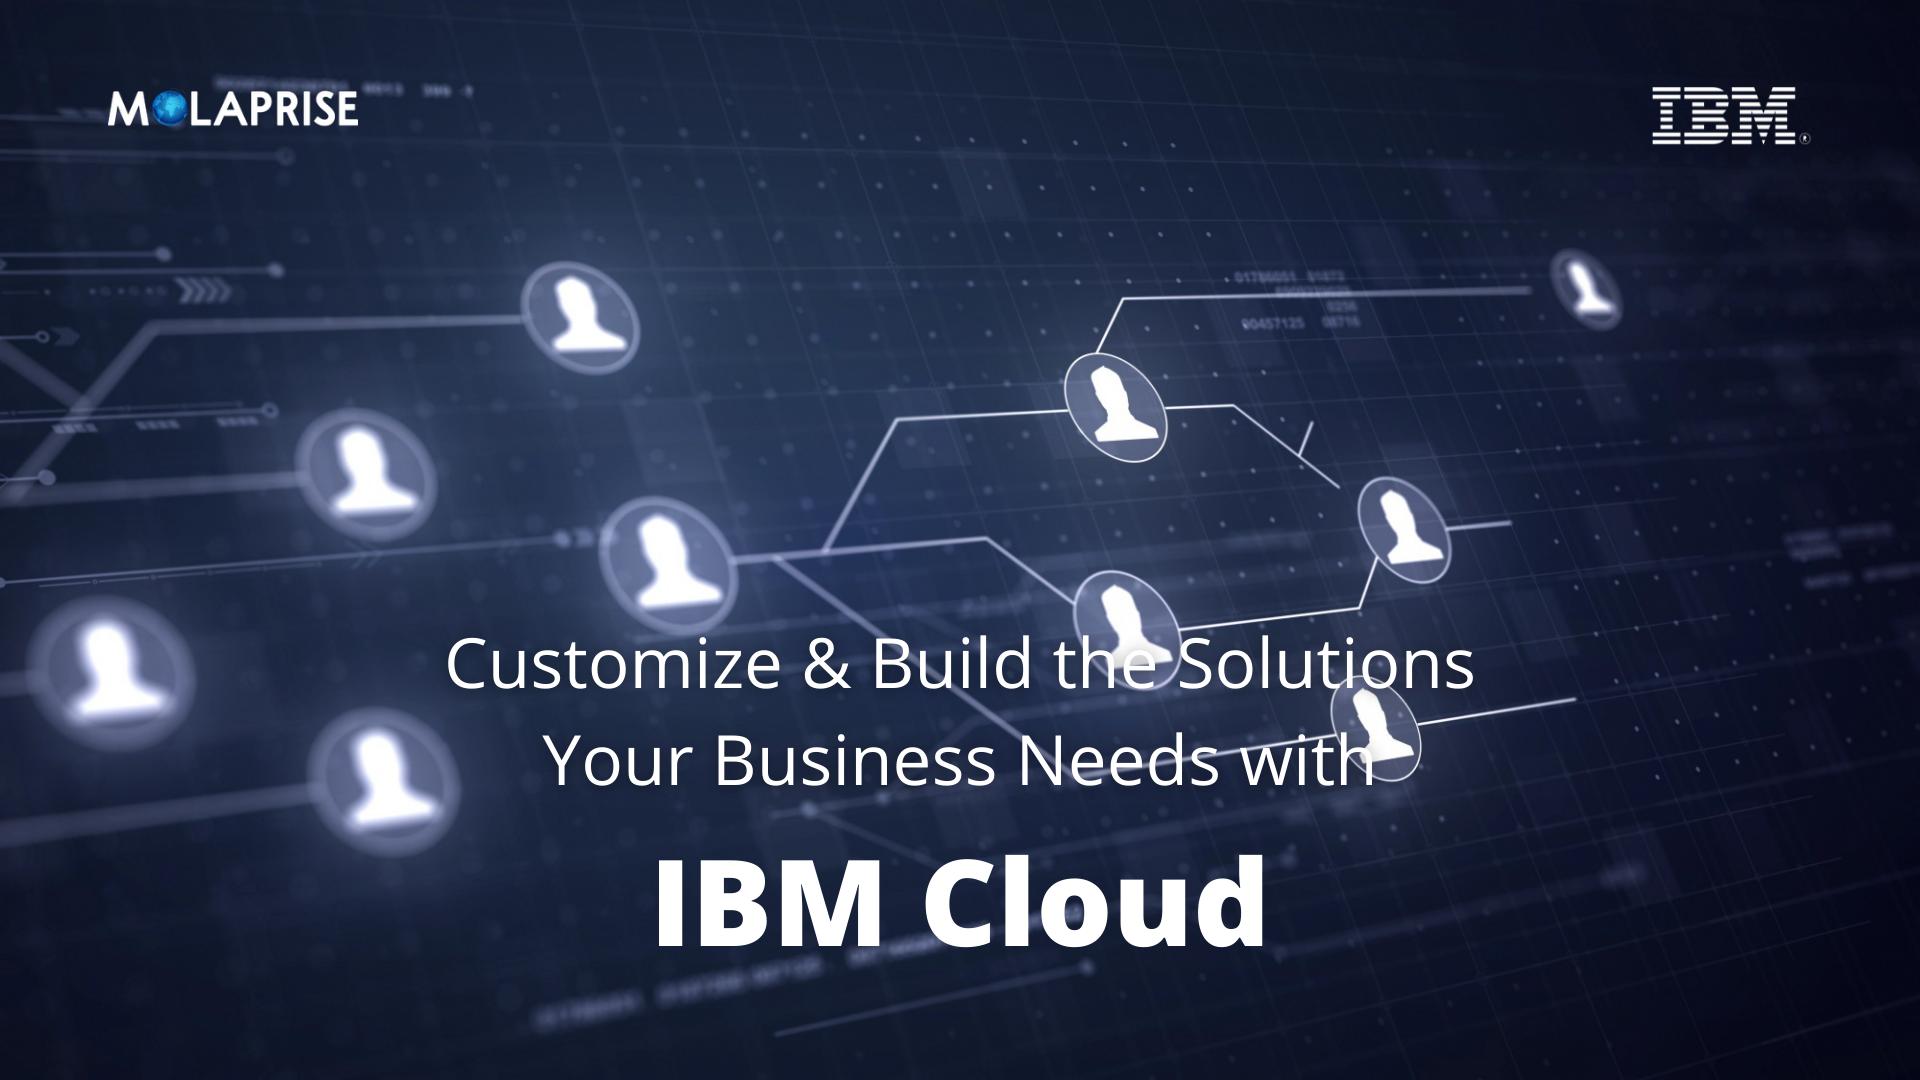 Molaprise IBM Cloud